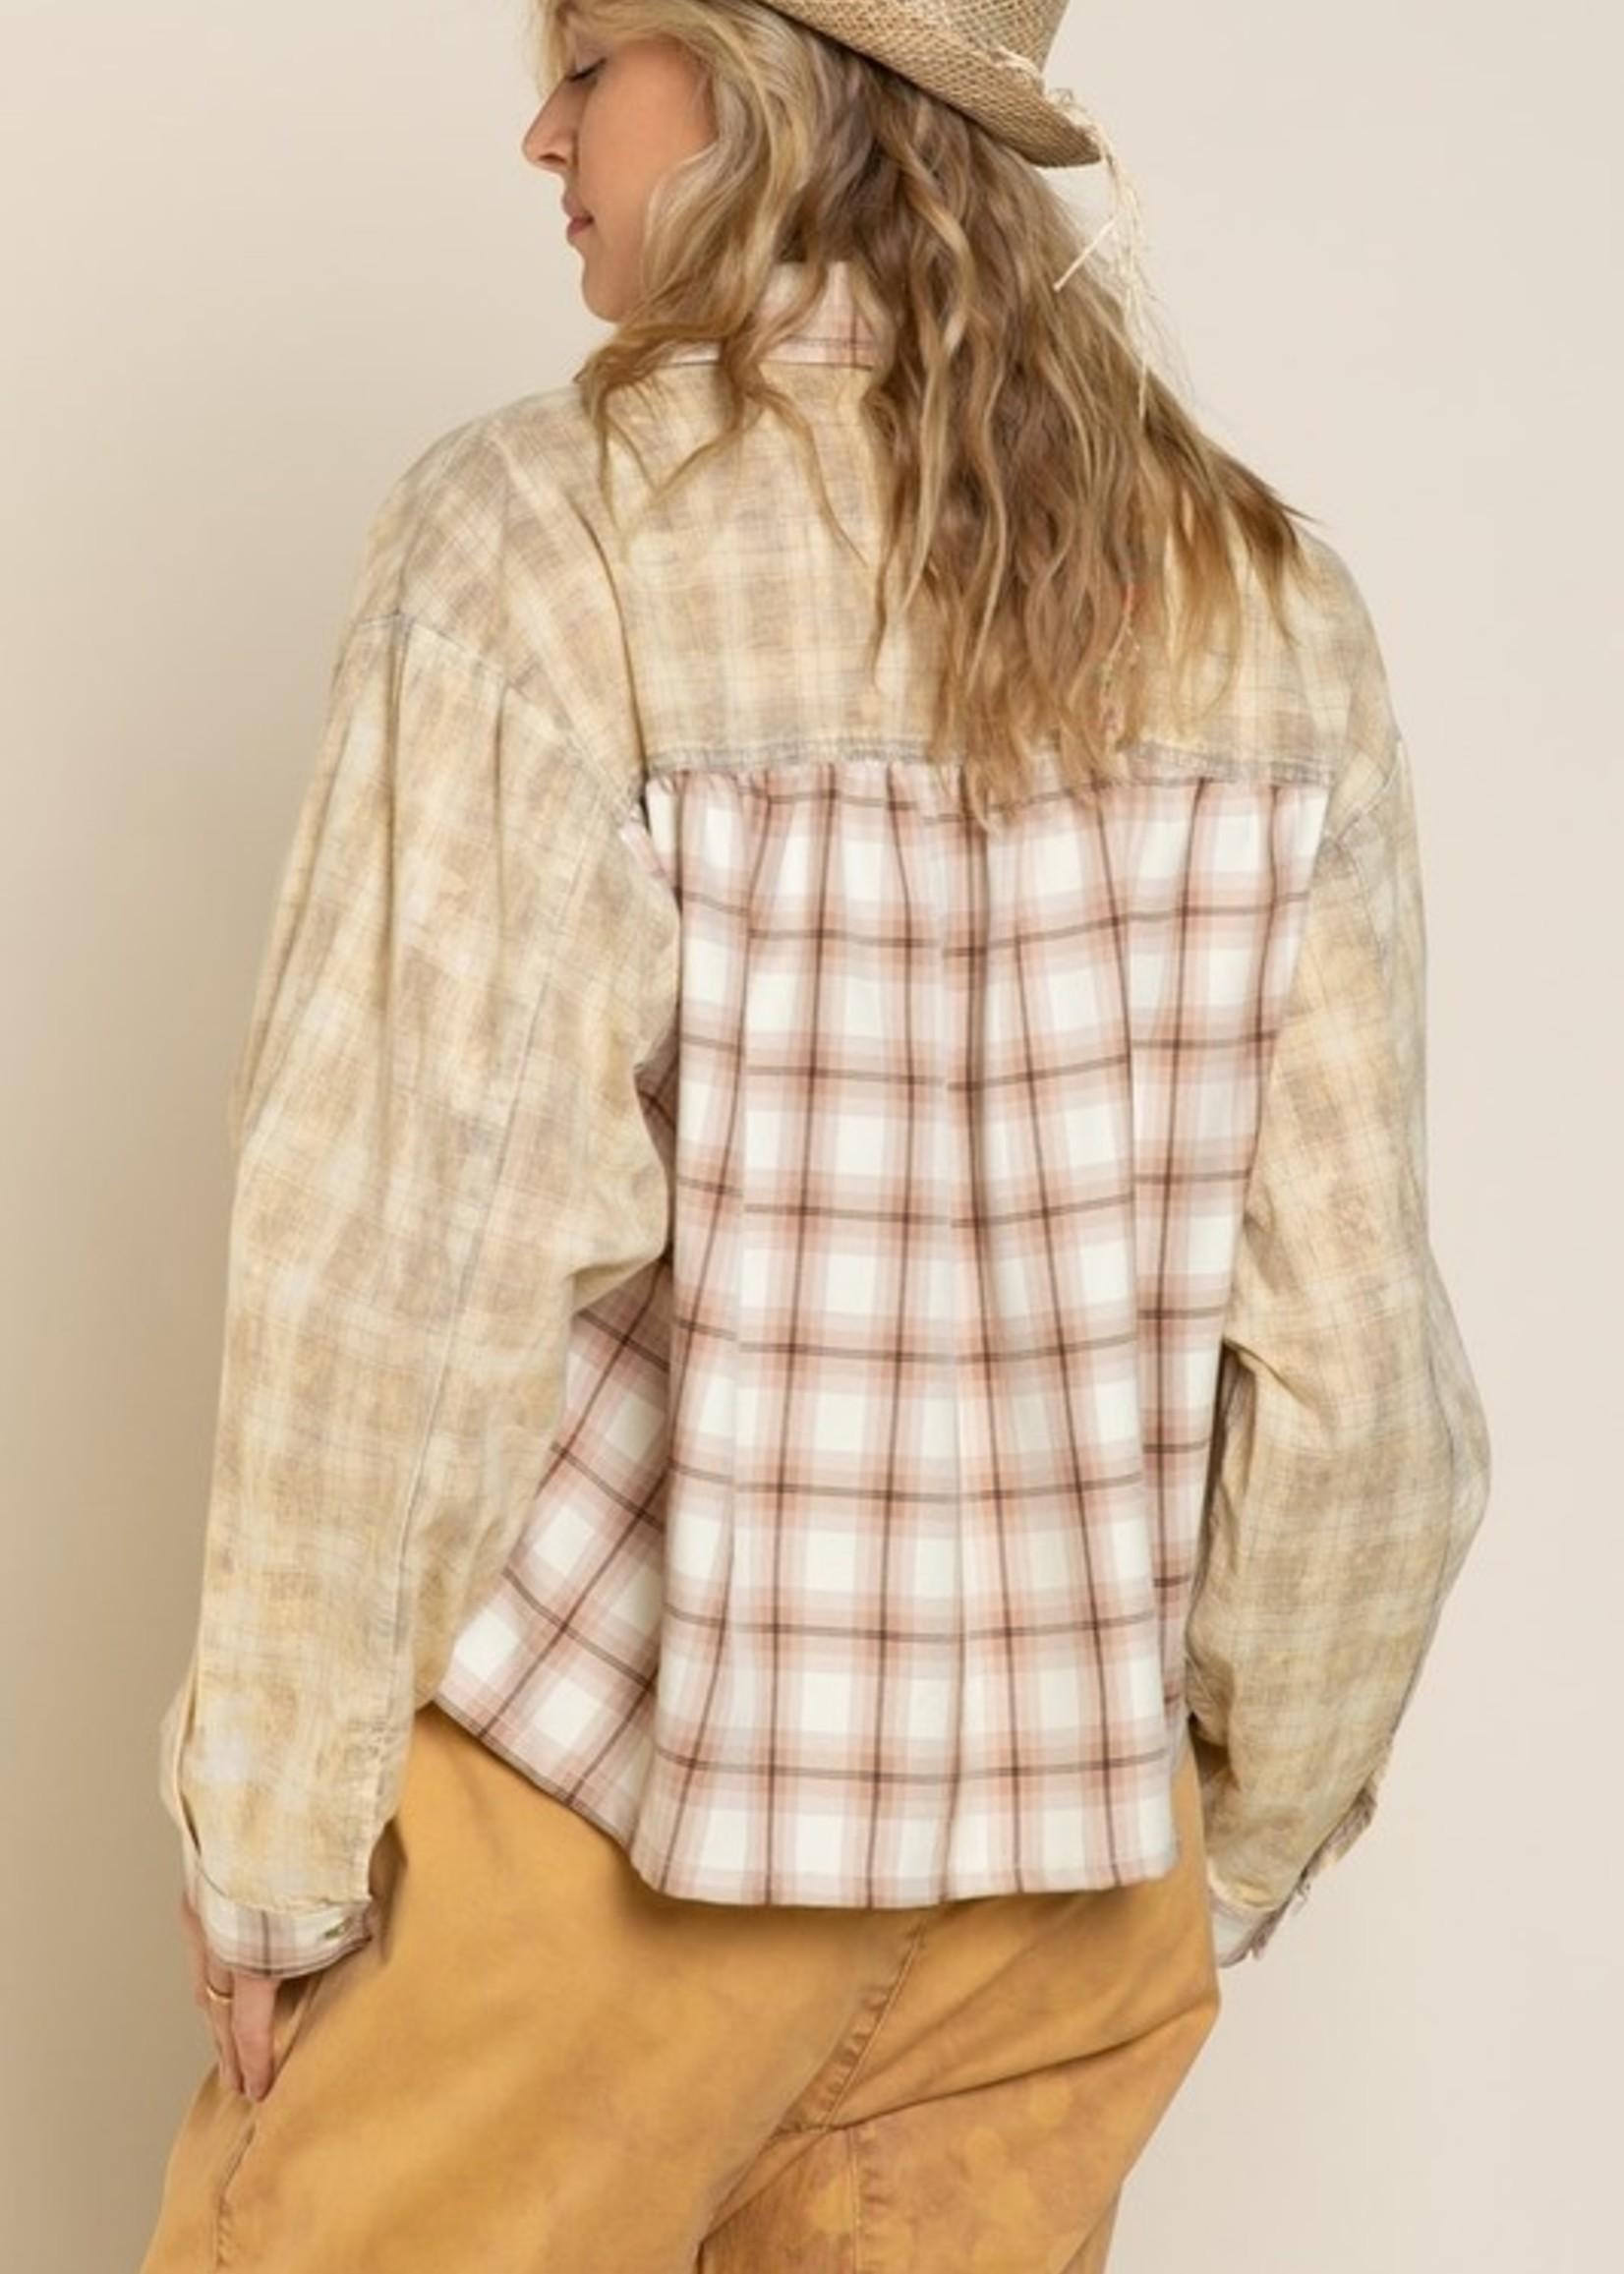 Plaid Button Up - Beige/Brown Plaid